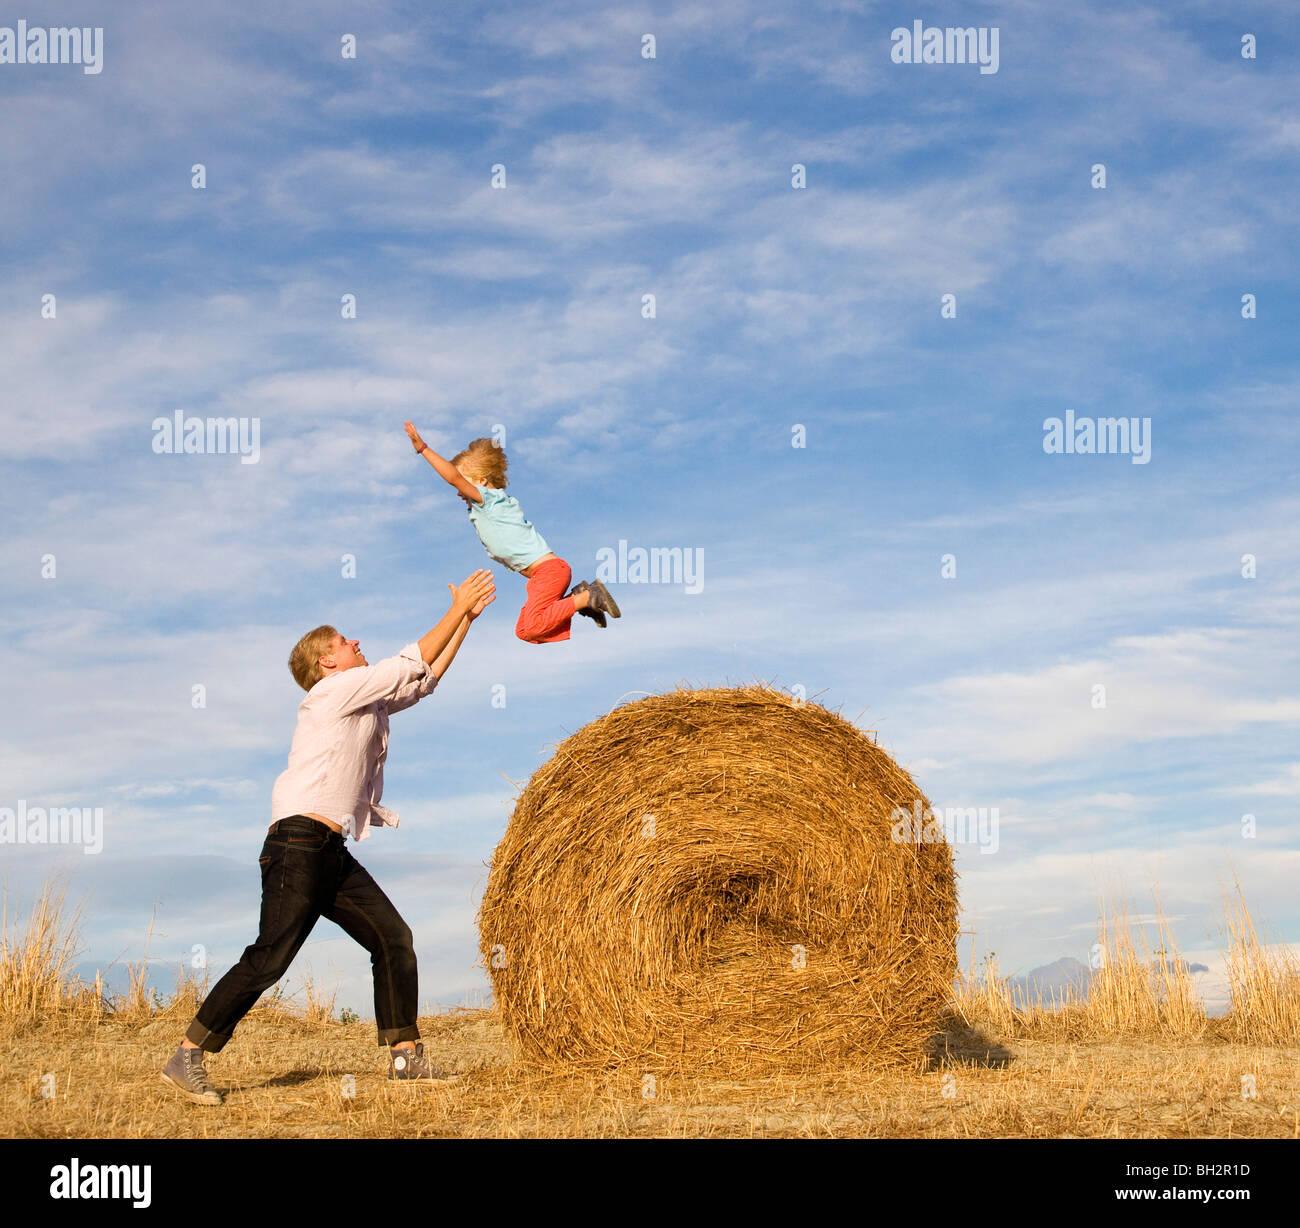 Homme garçon sautant d'attraper des balles de foin Photo Stock